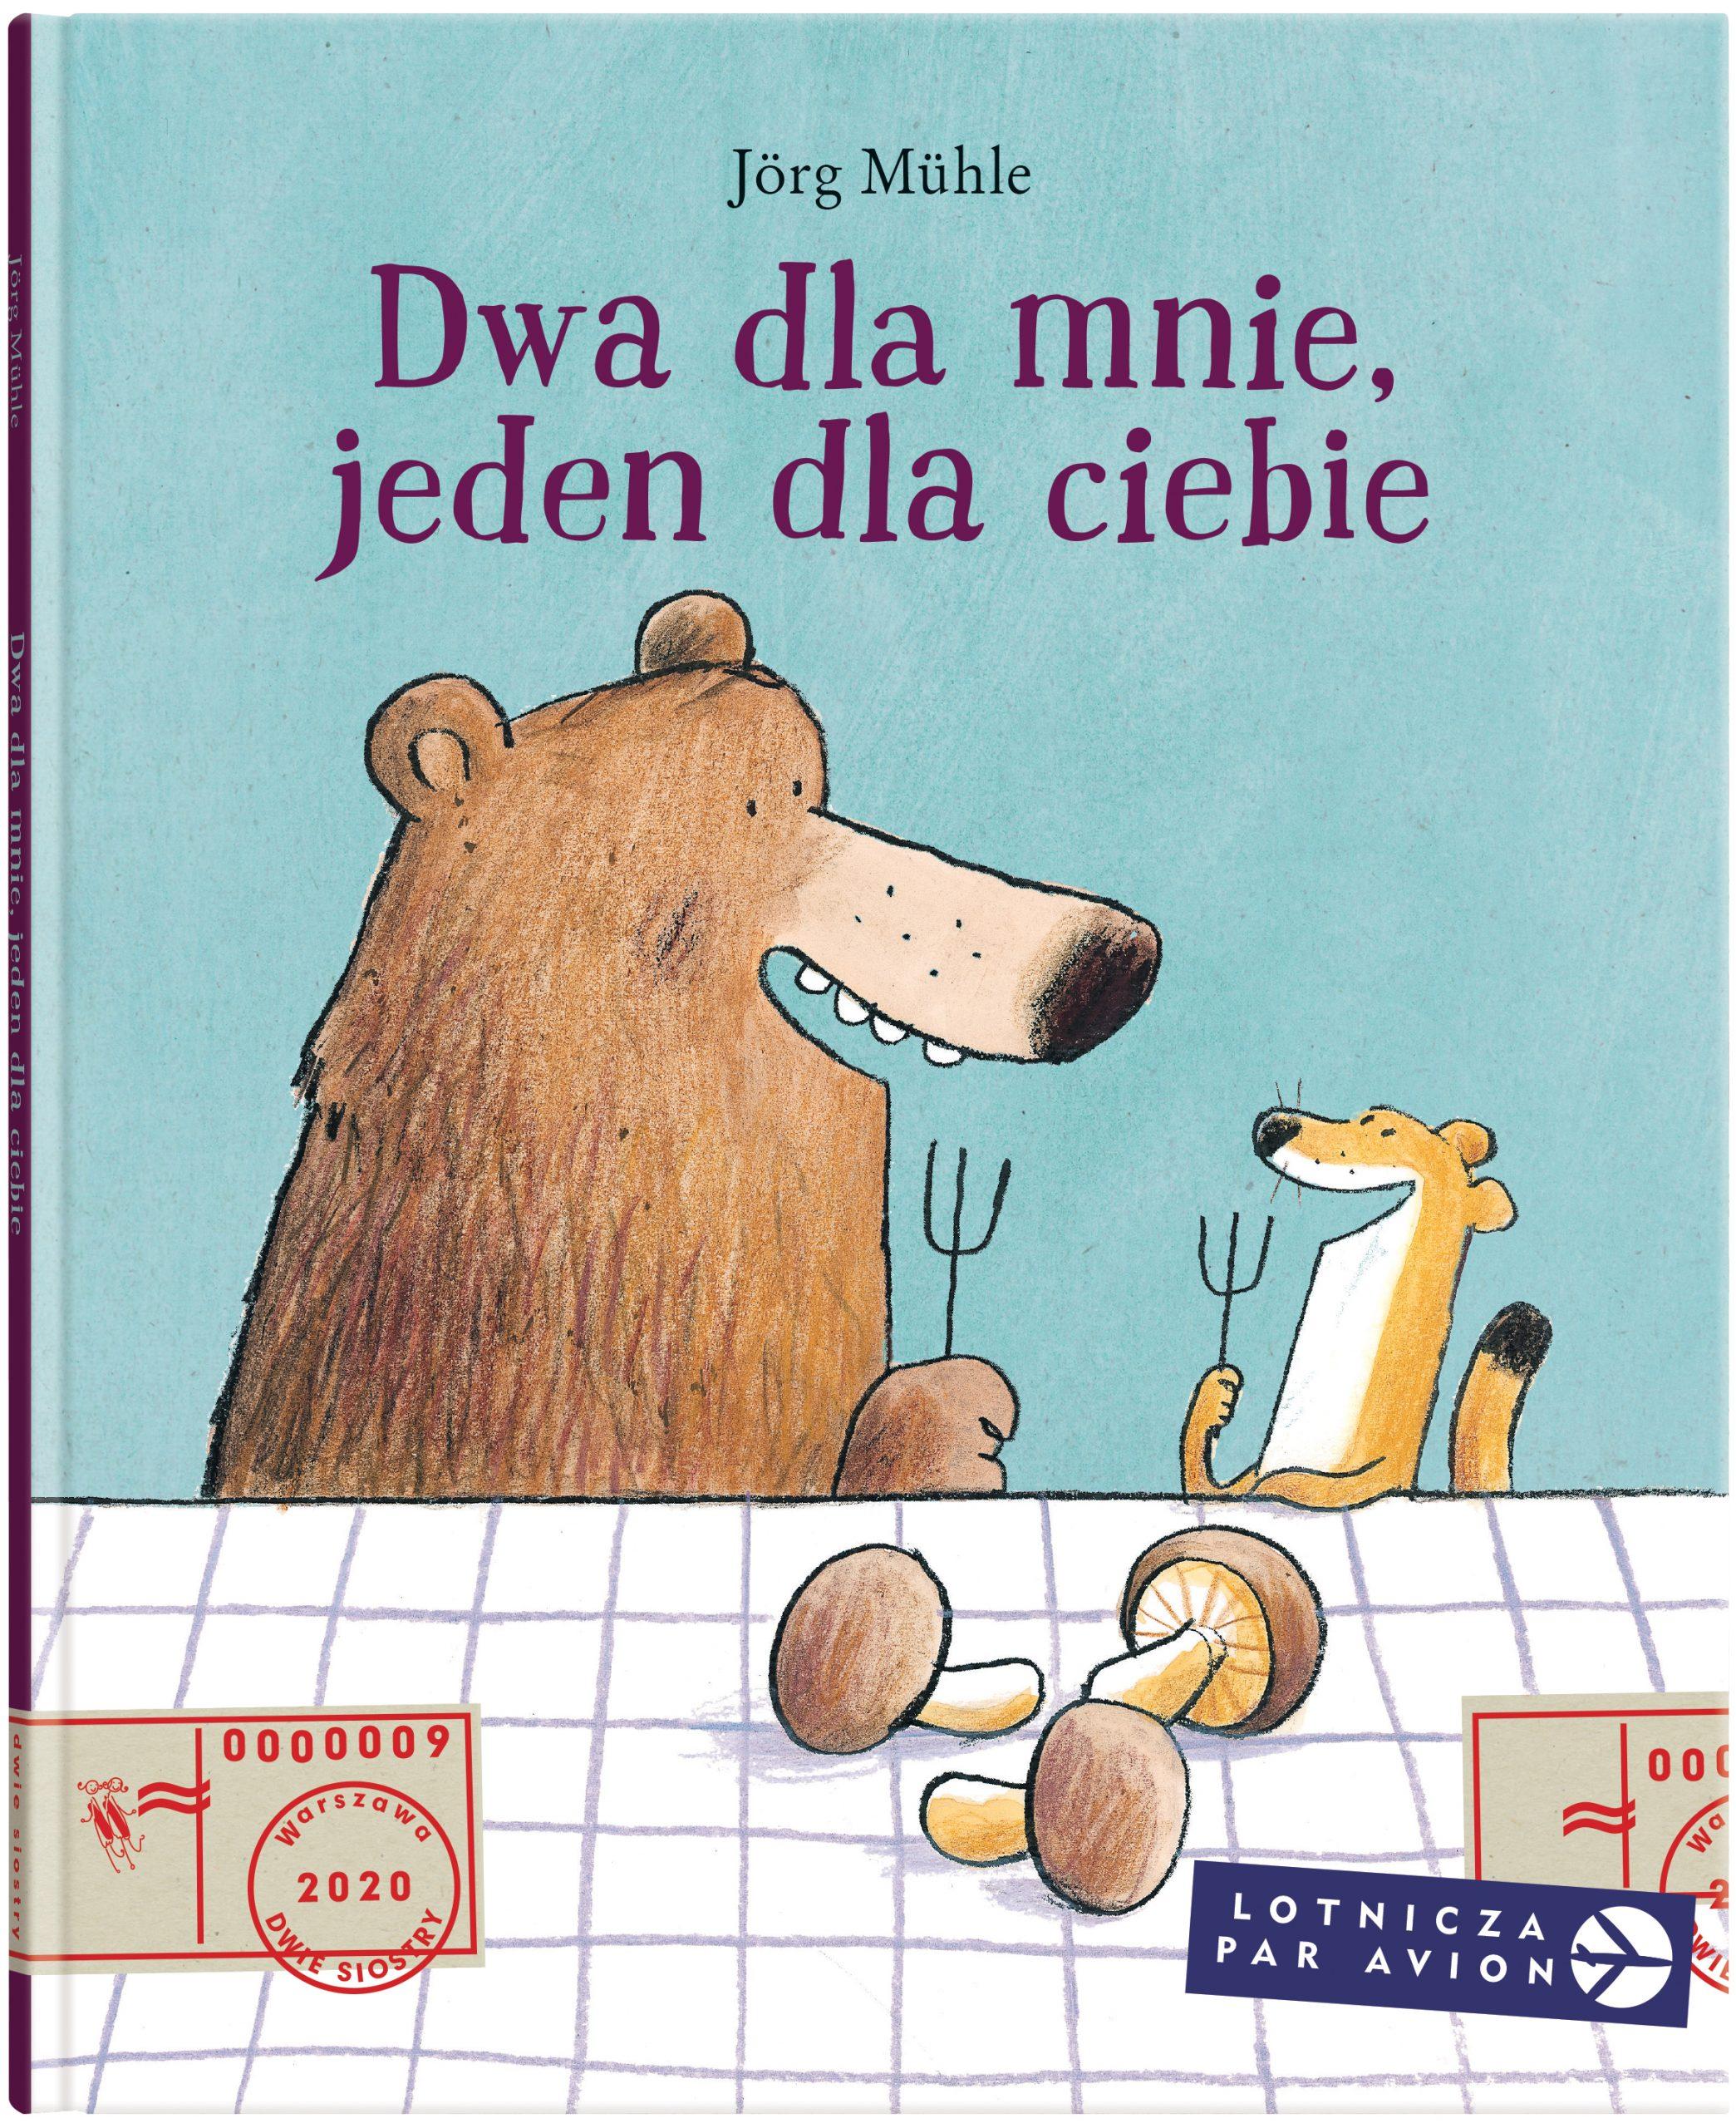 Jörg Mühle Dwa dla mnie, jeden dla ciebie